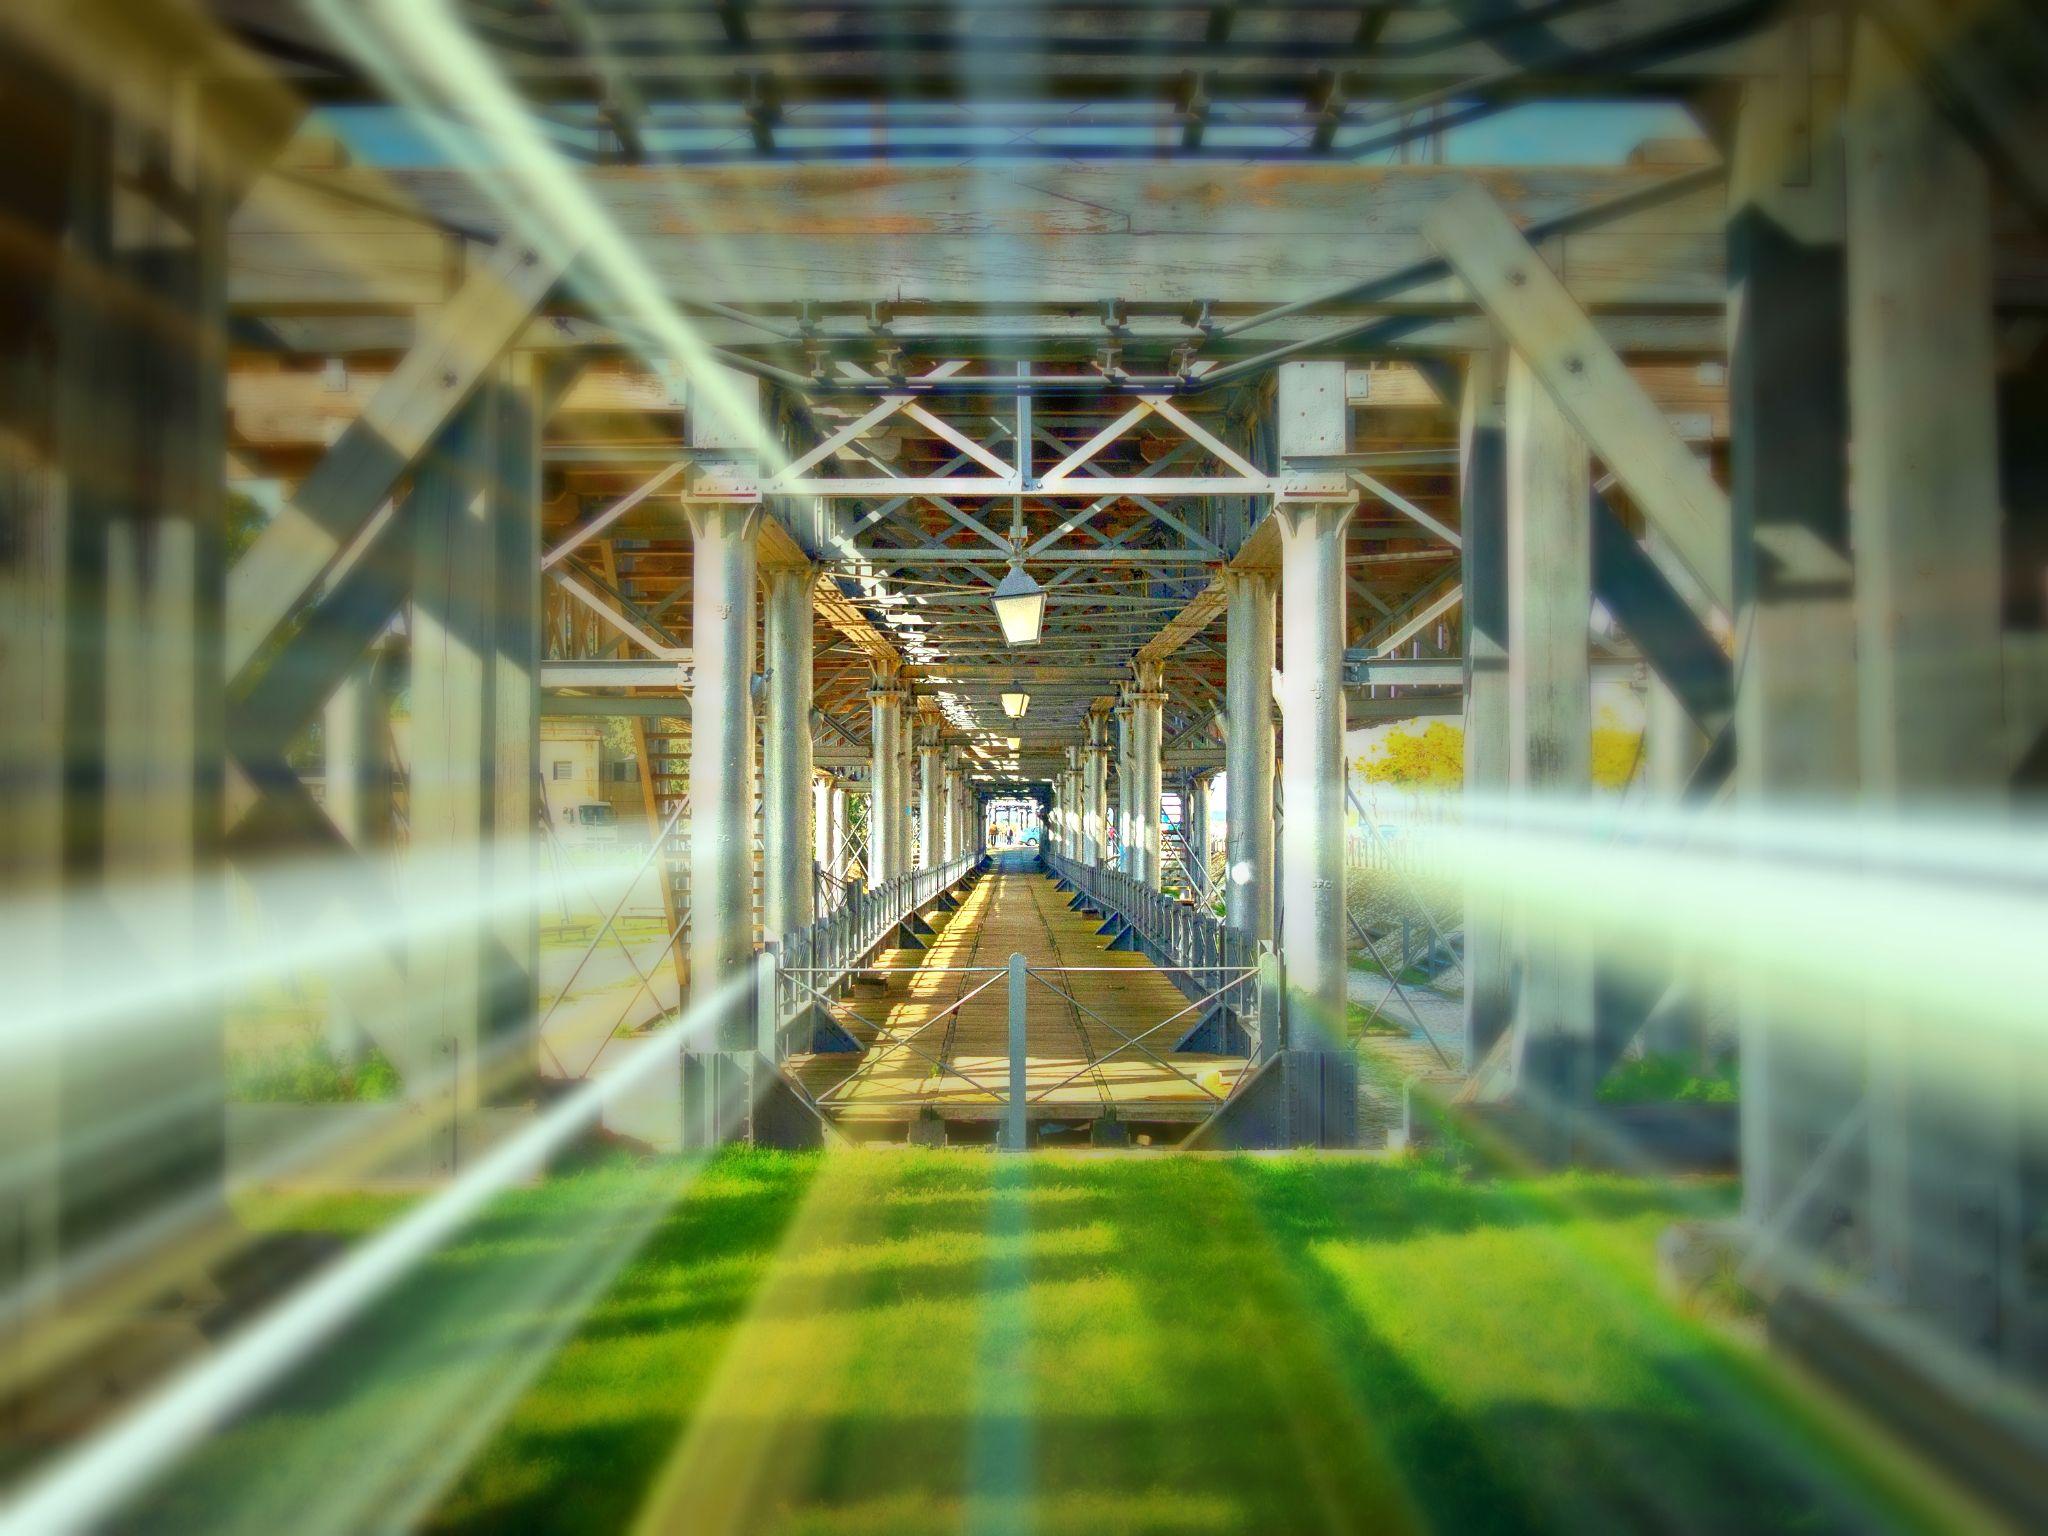 siempre hay luz al final del tunel... by enmafa